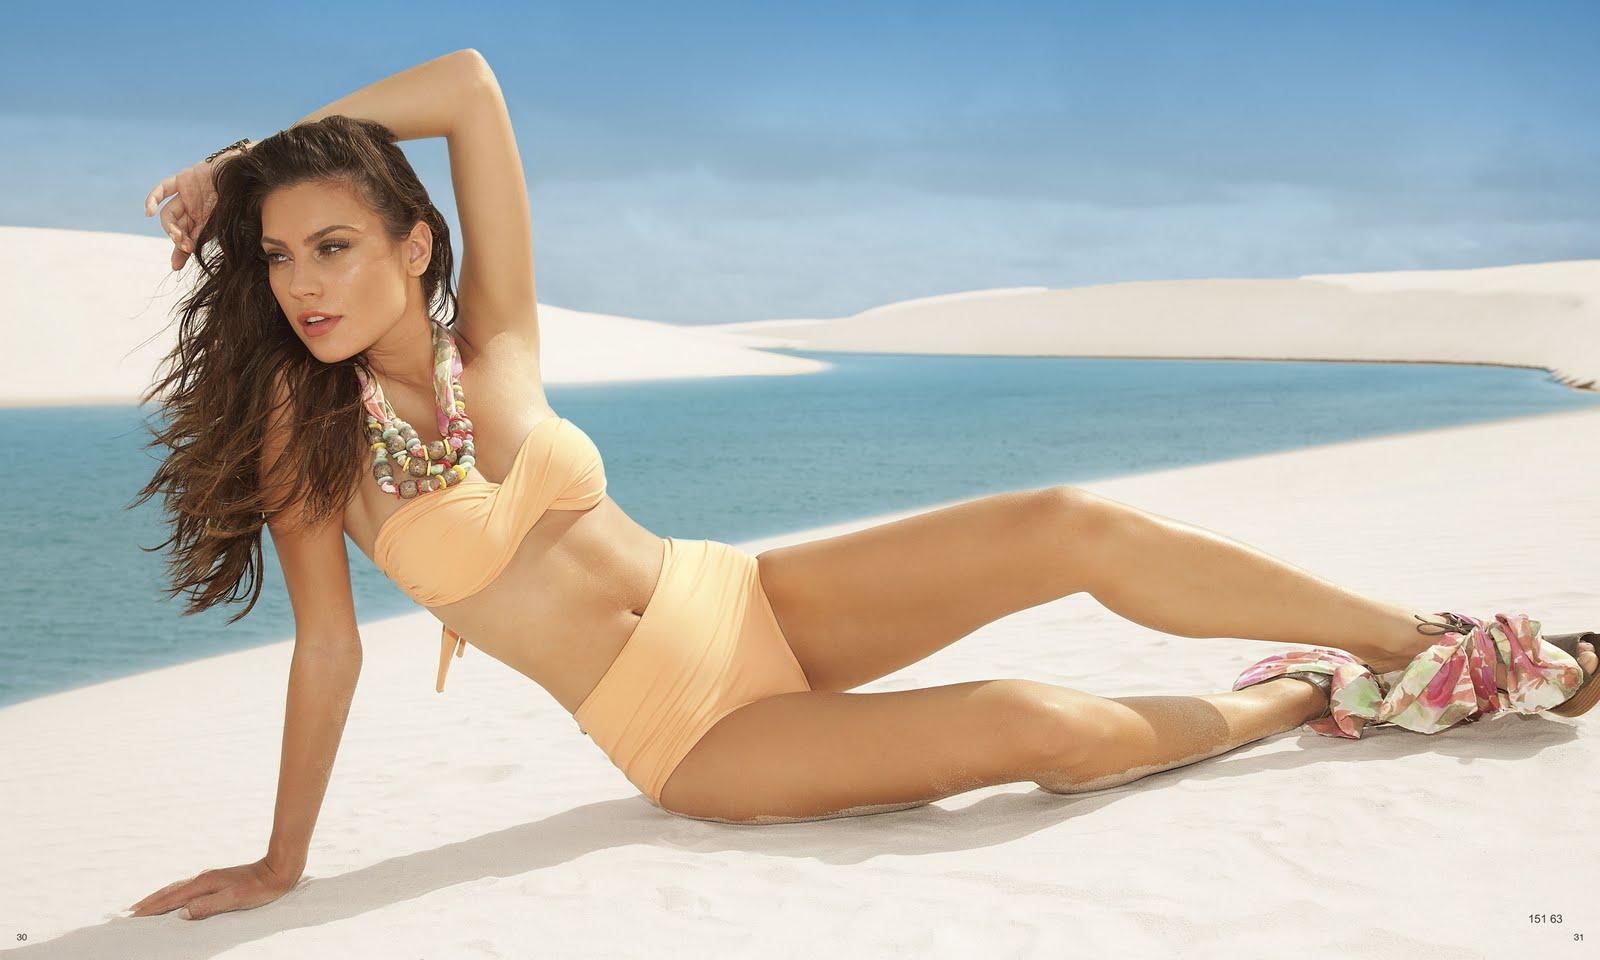 tendencias moda praia 2018 - Arquivos - Blog do Rosa Verão 5ad01b75a77